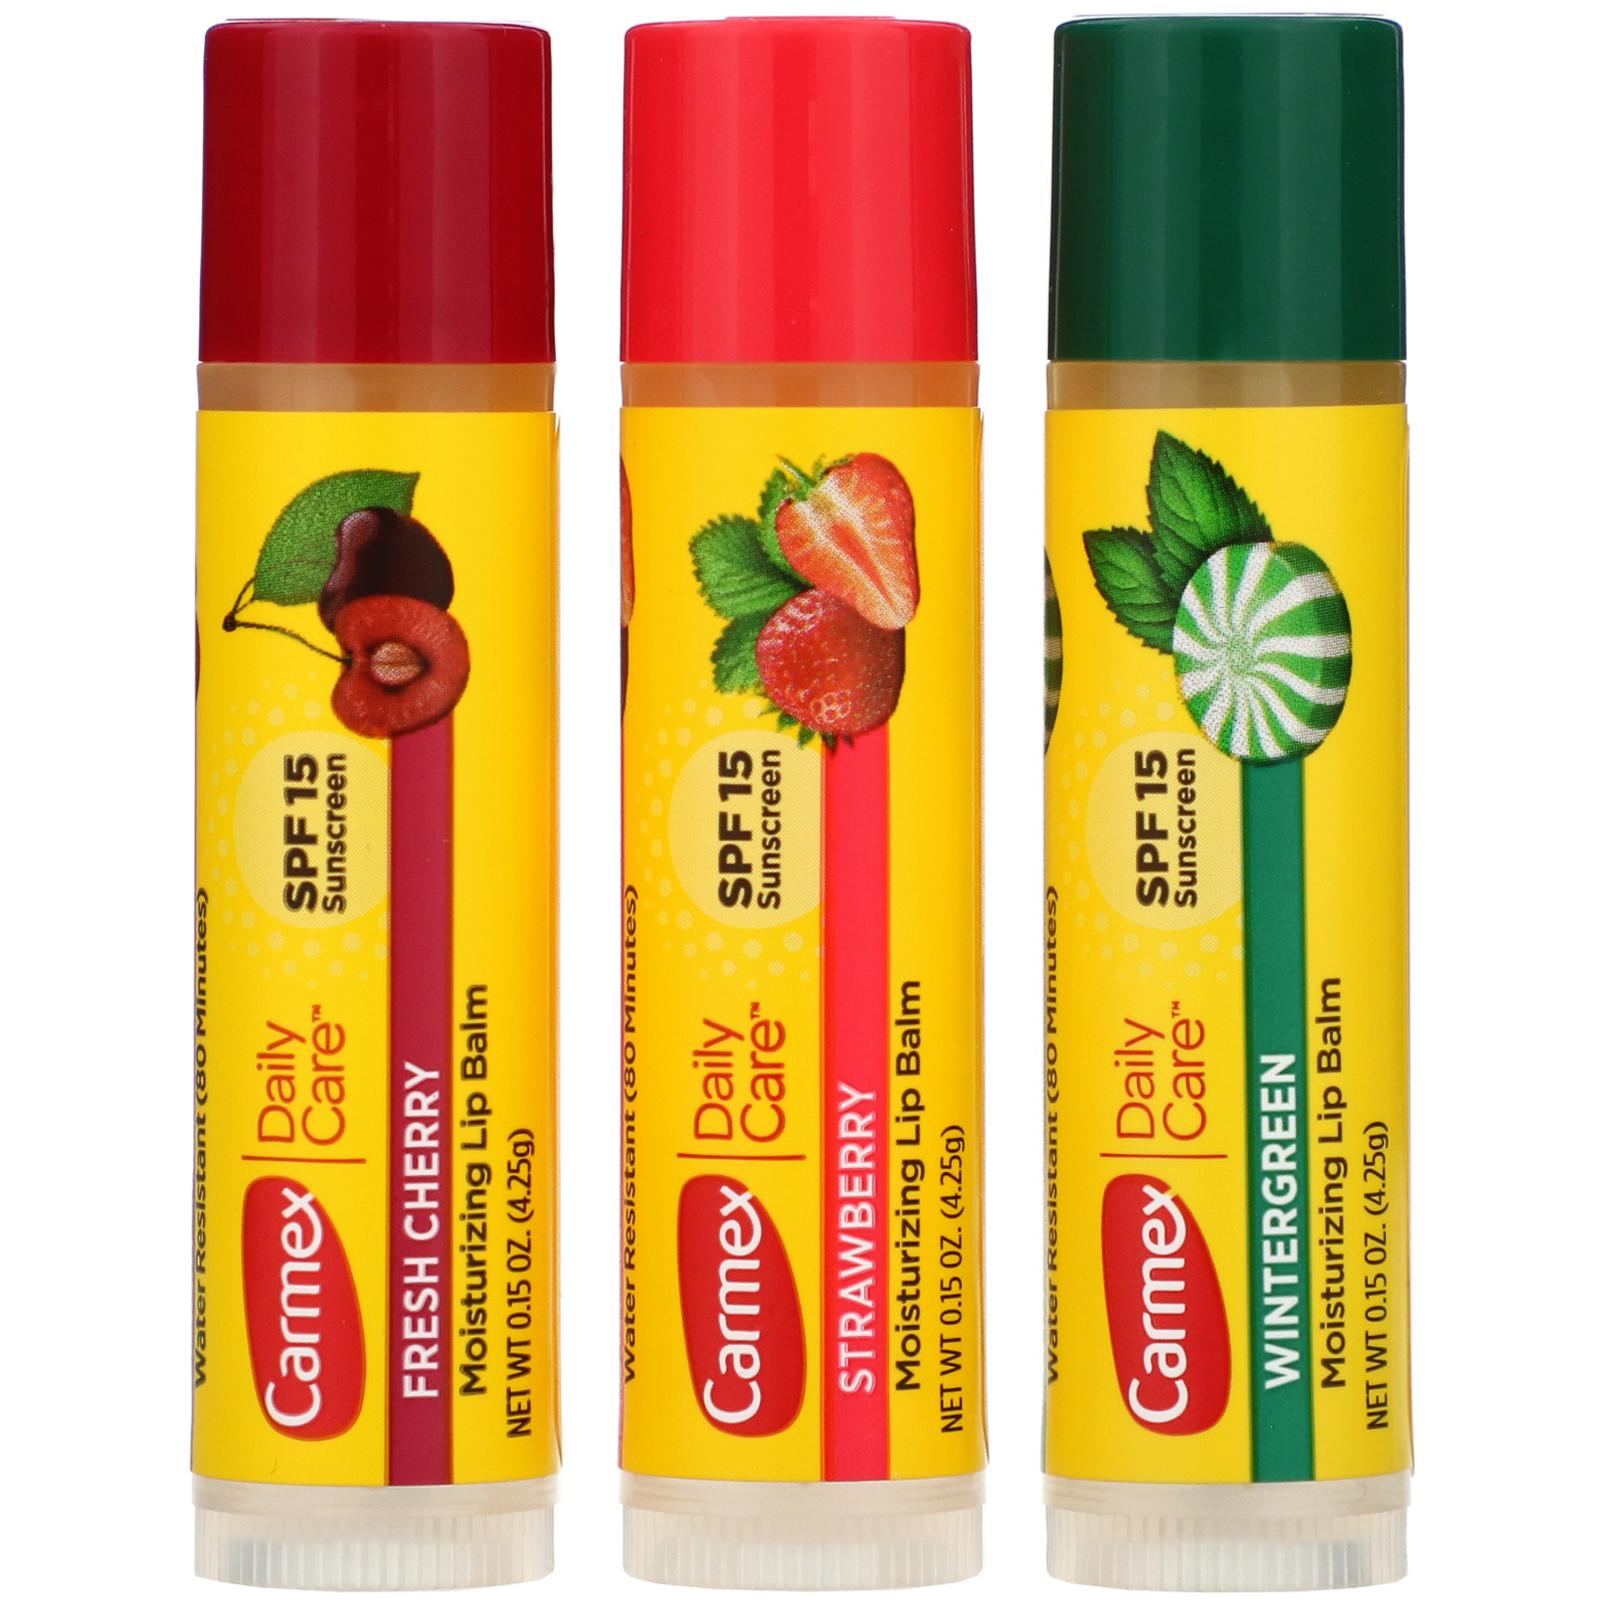 Carmex, Бальзам для губ для ежедневного ухода, SPF 15, ассорти, 3 упаковки, 0,15 унции (4,25 г) каждая